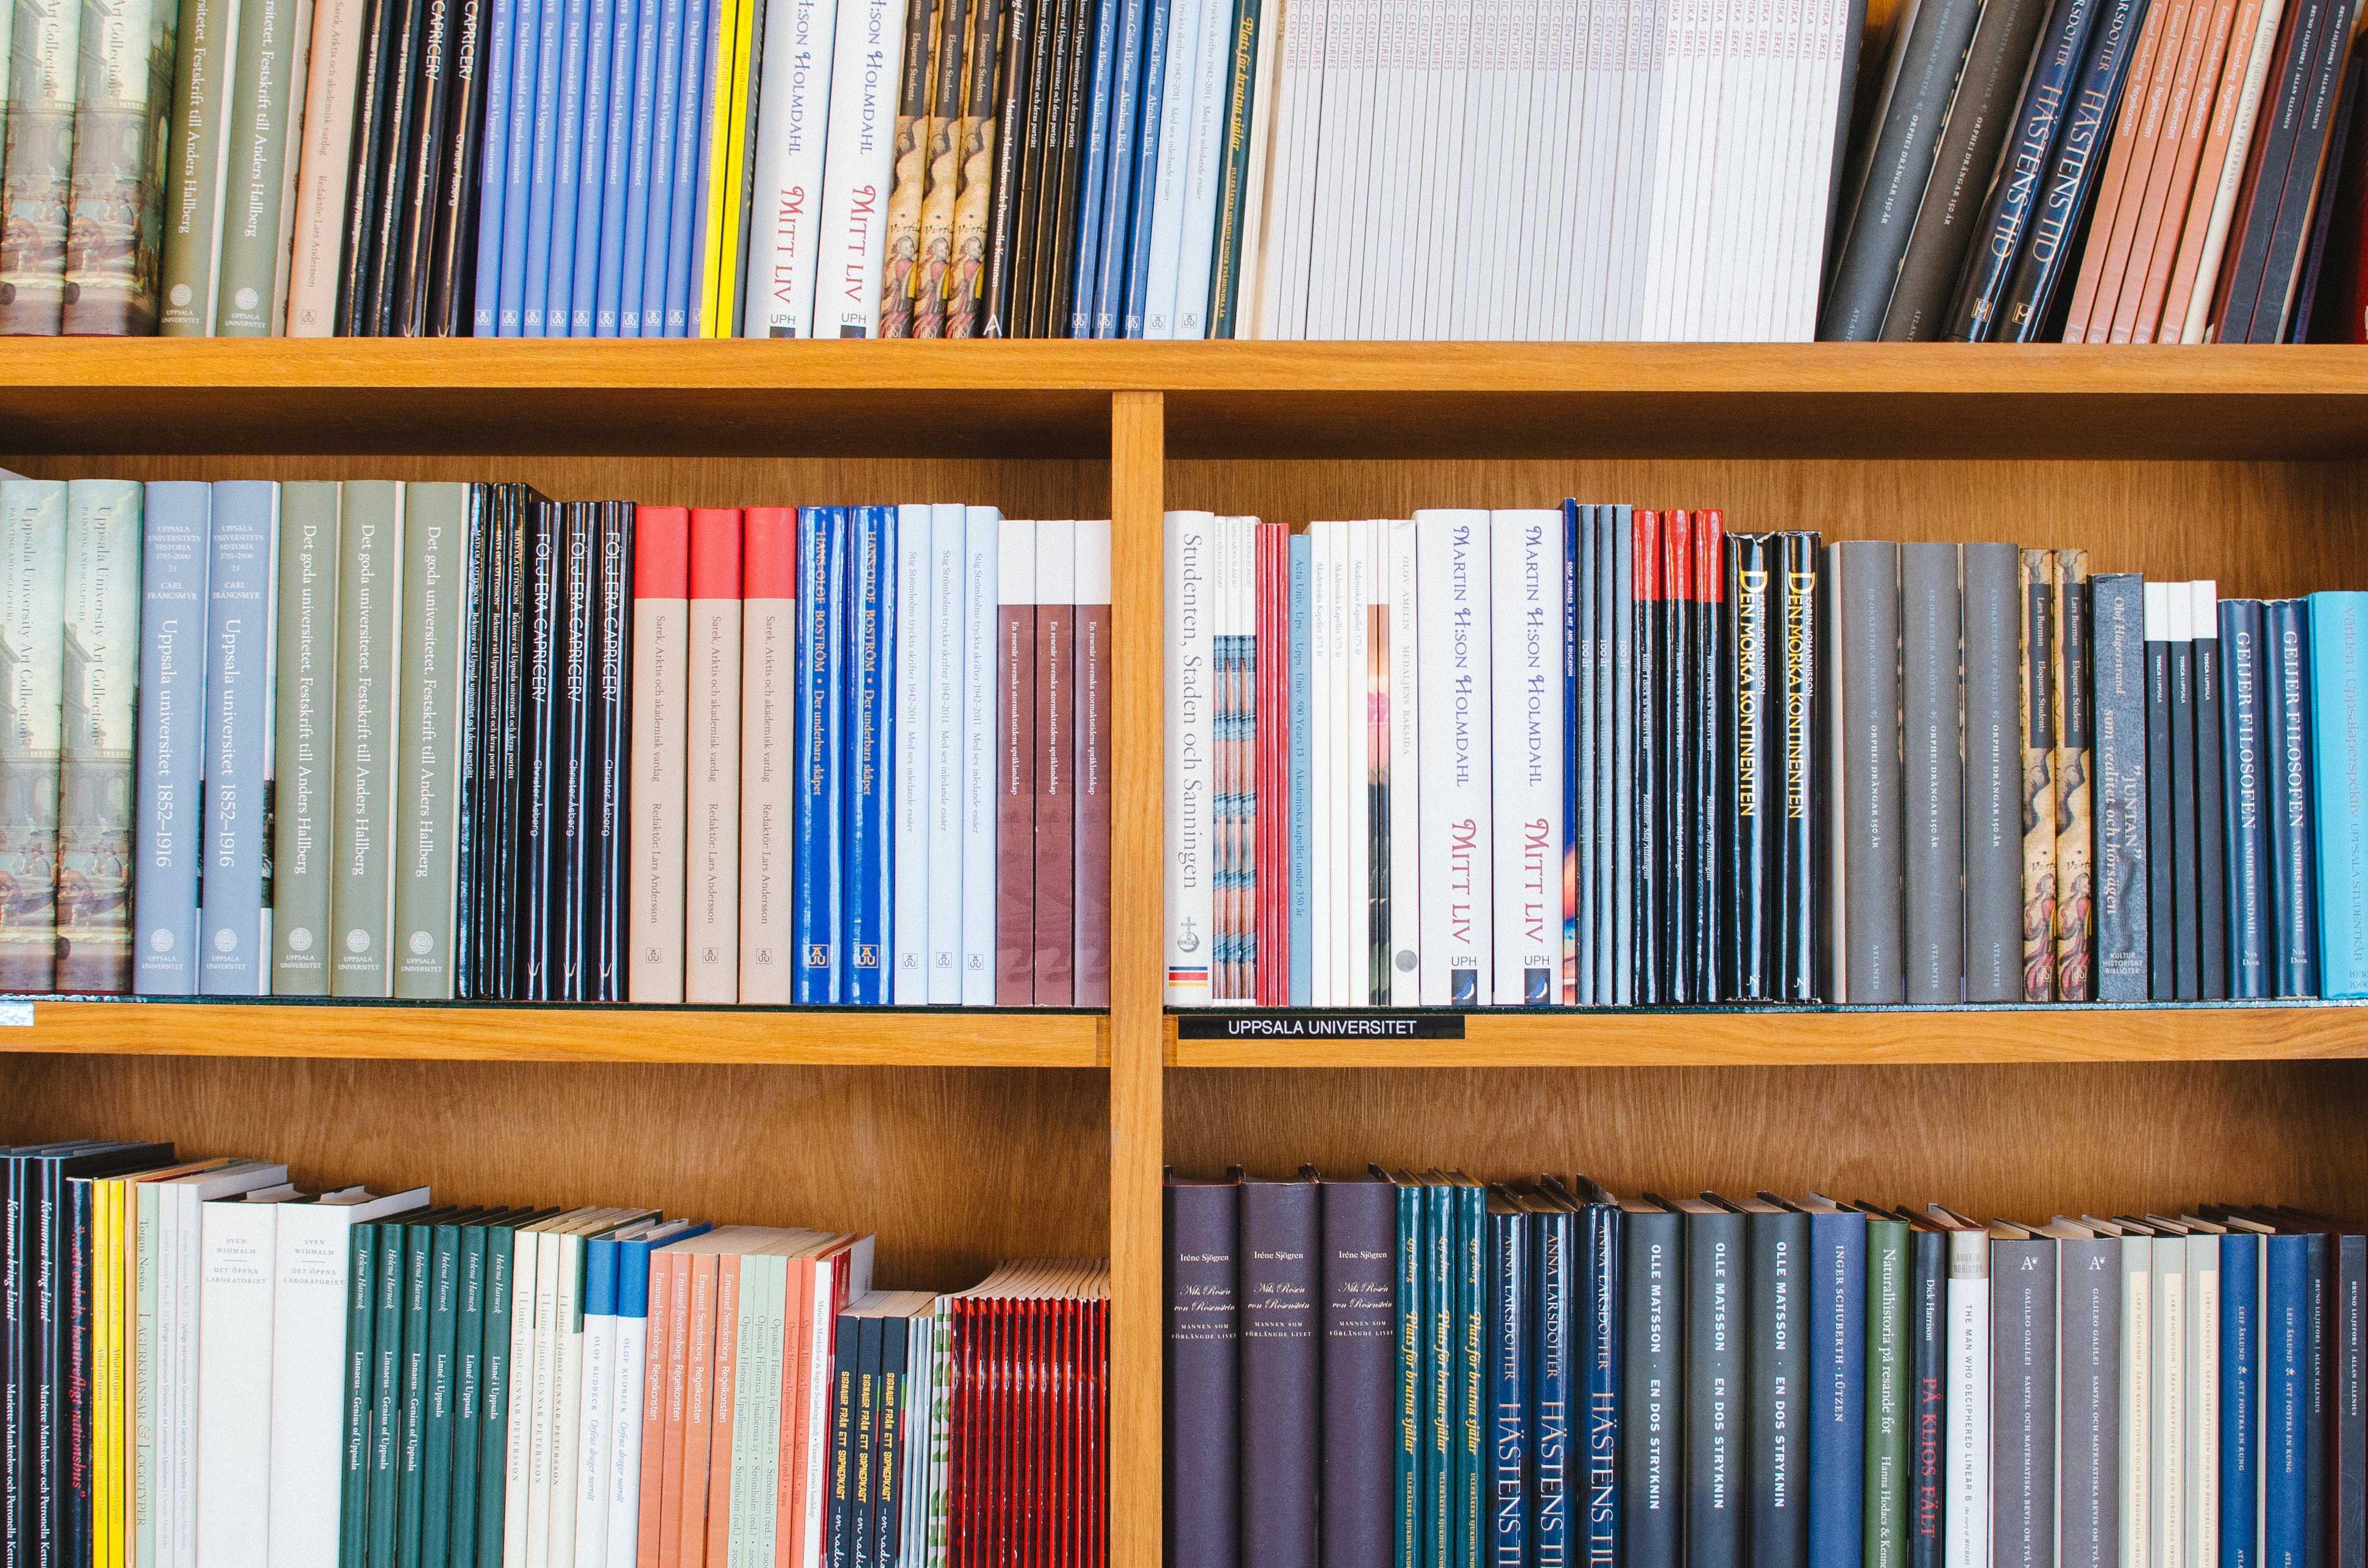 Knižnica Ekonomická univerzita